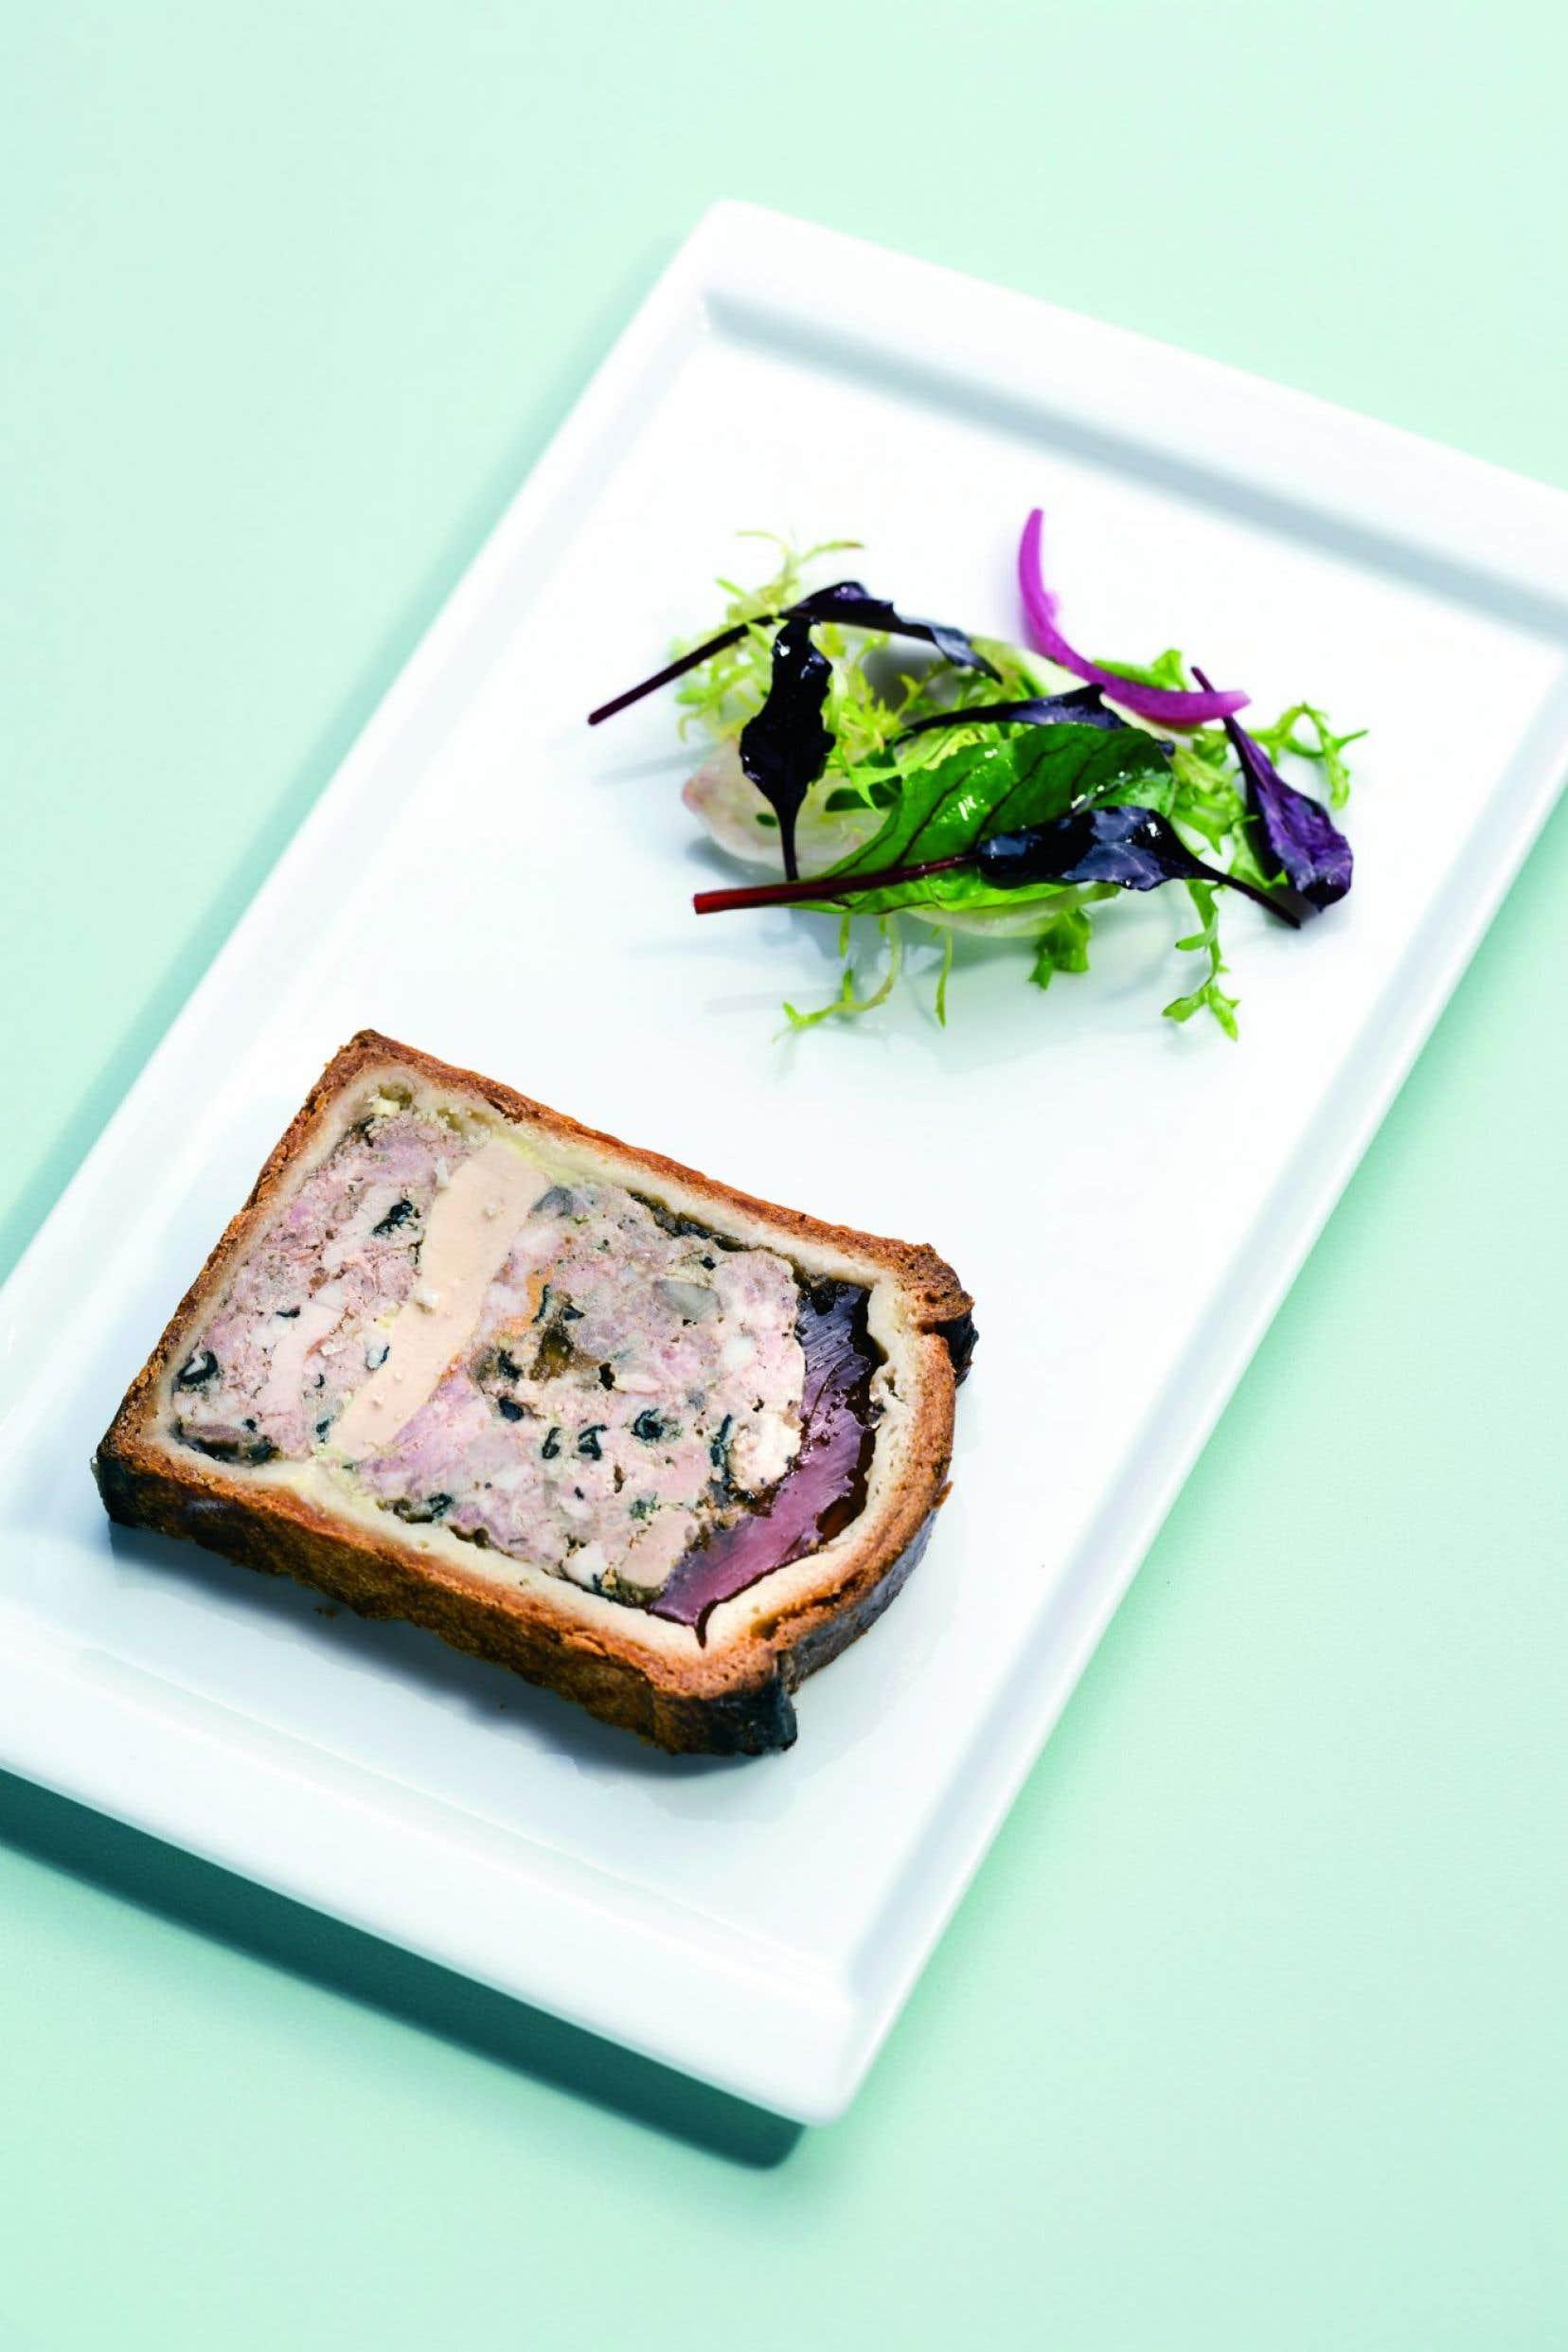 Le pâté en croûte foie gras et ris de veau du chef lyonnais Joseph Viola